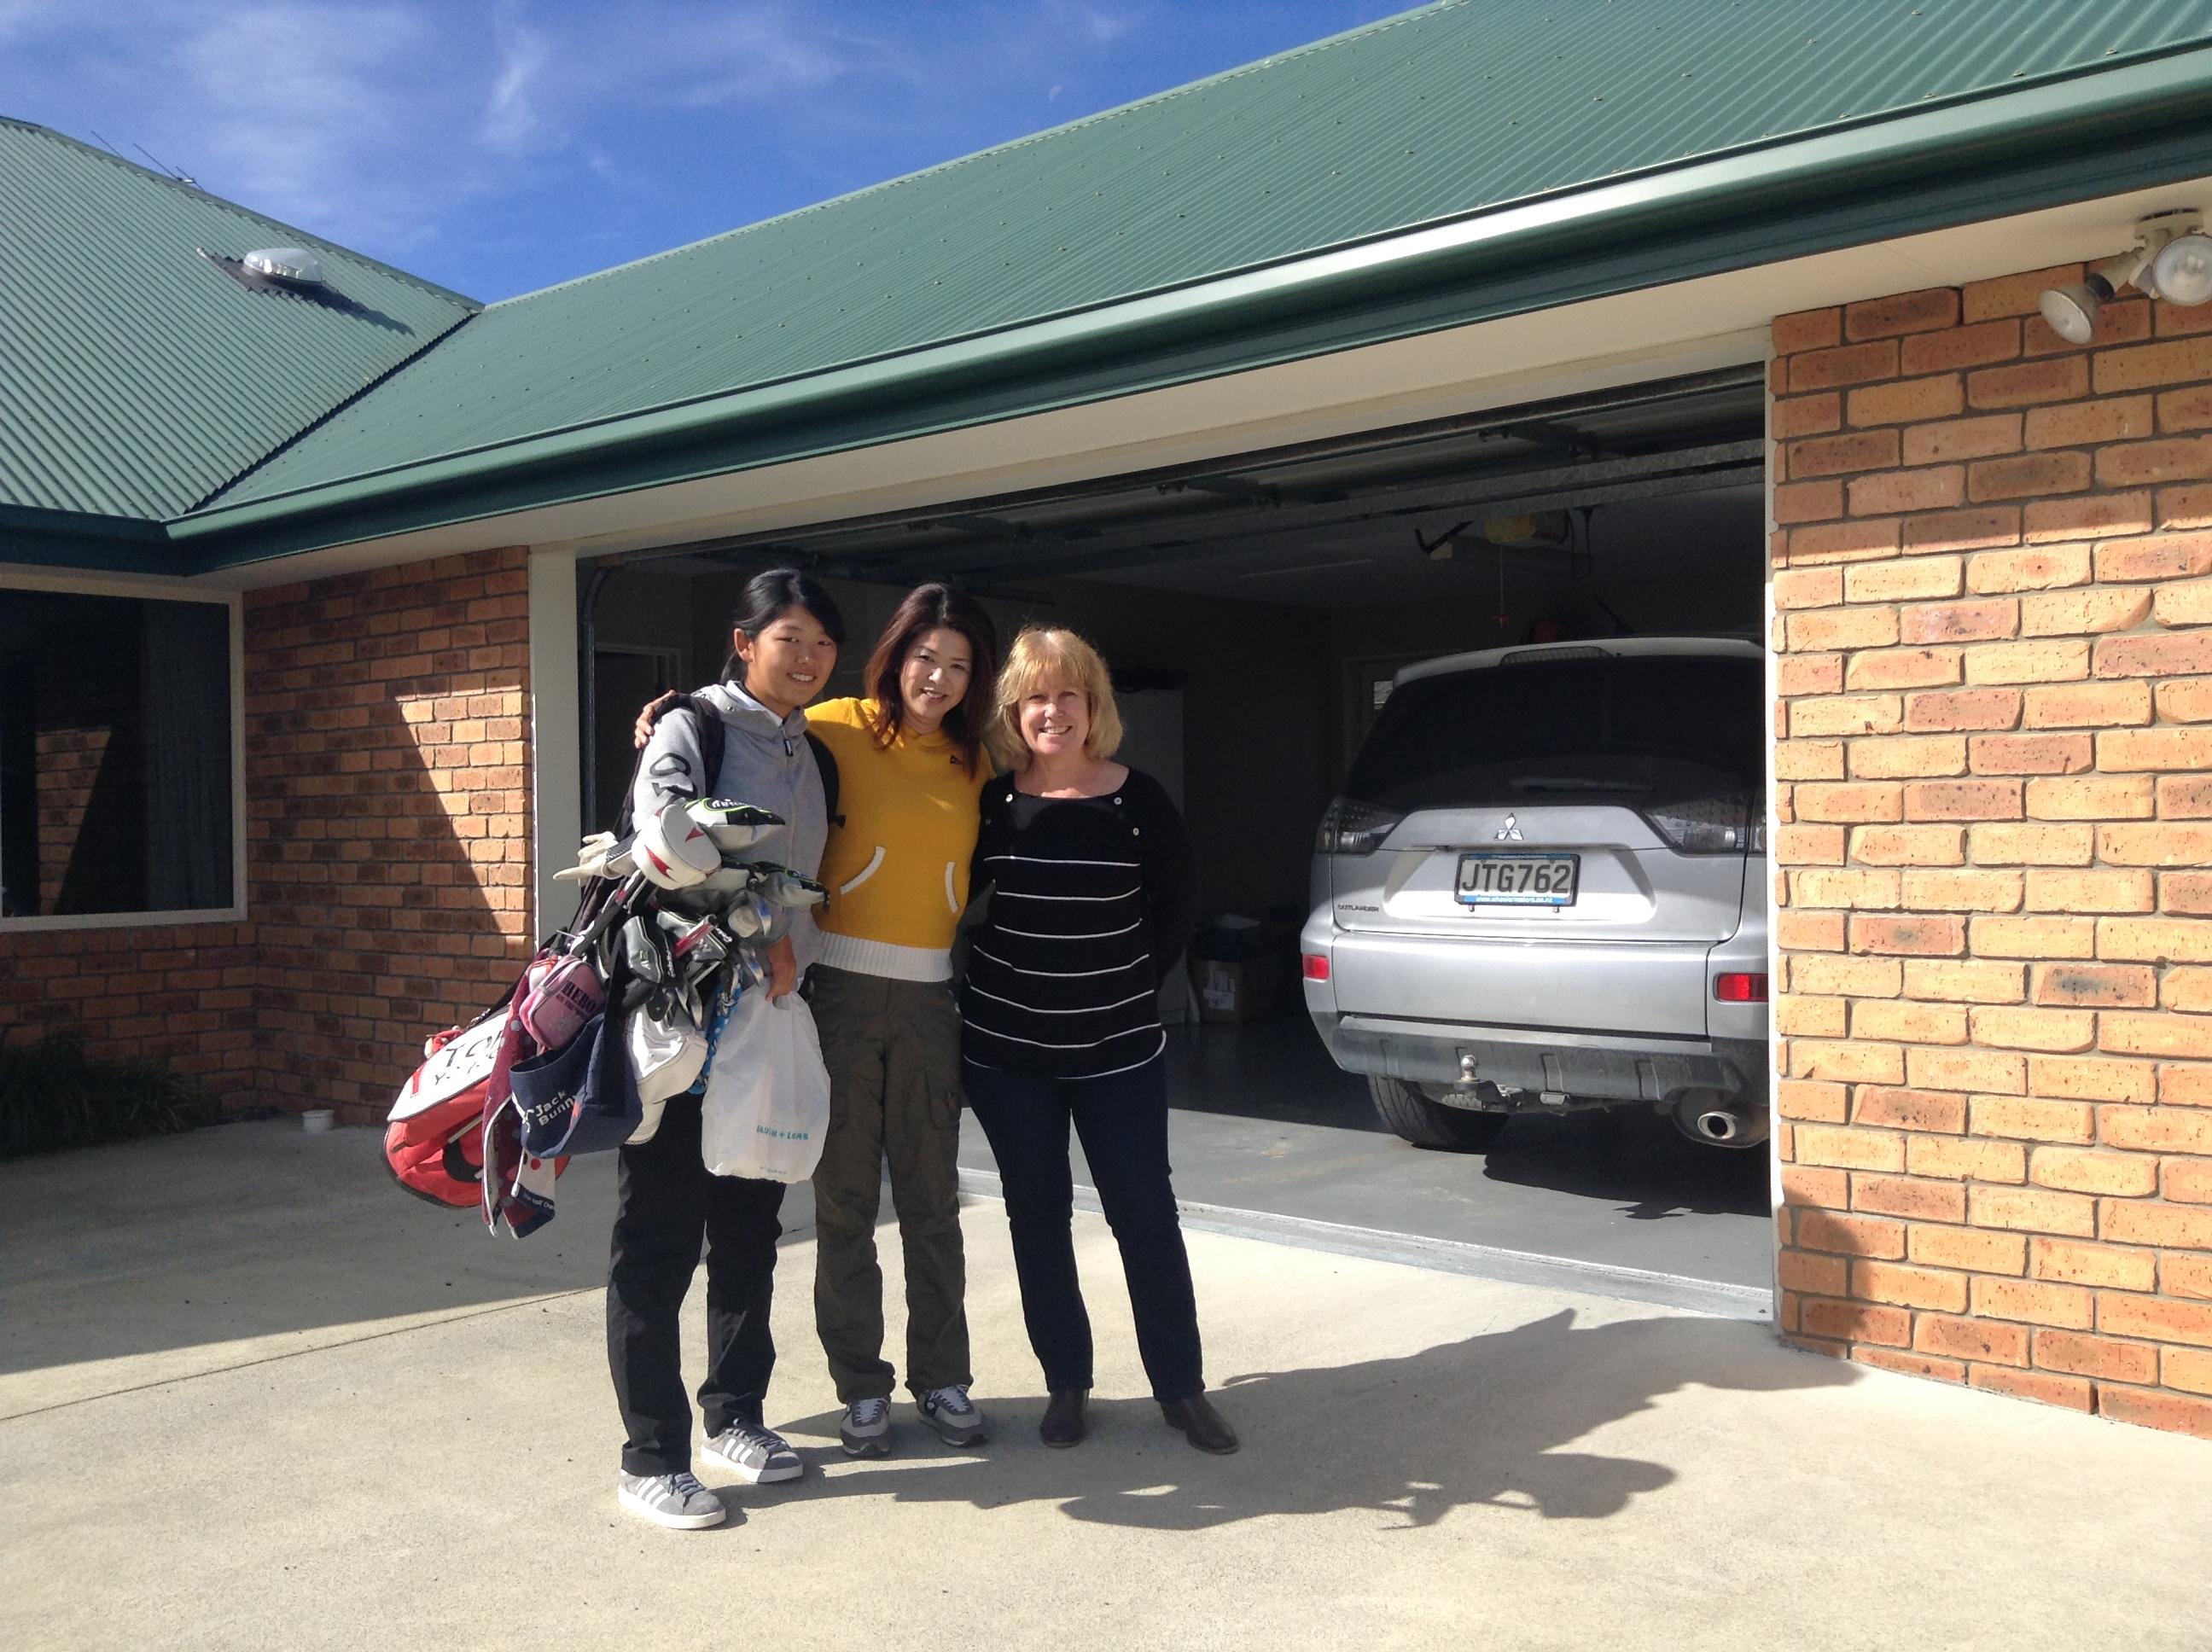 ホームステイにチェックインの日から早速練習開始。その前に、日本のママとニュージーランドのホストマムと3人で記念撮影。